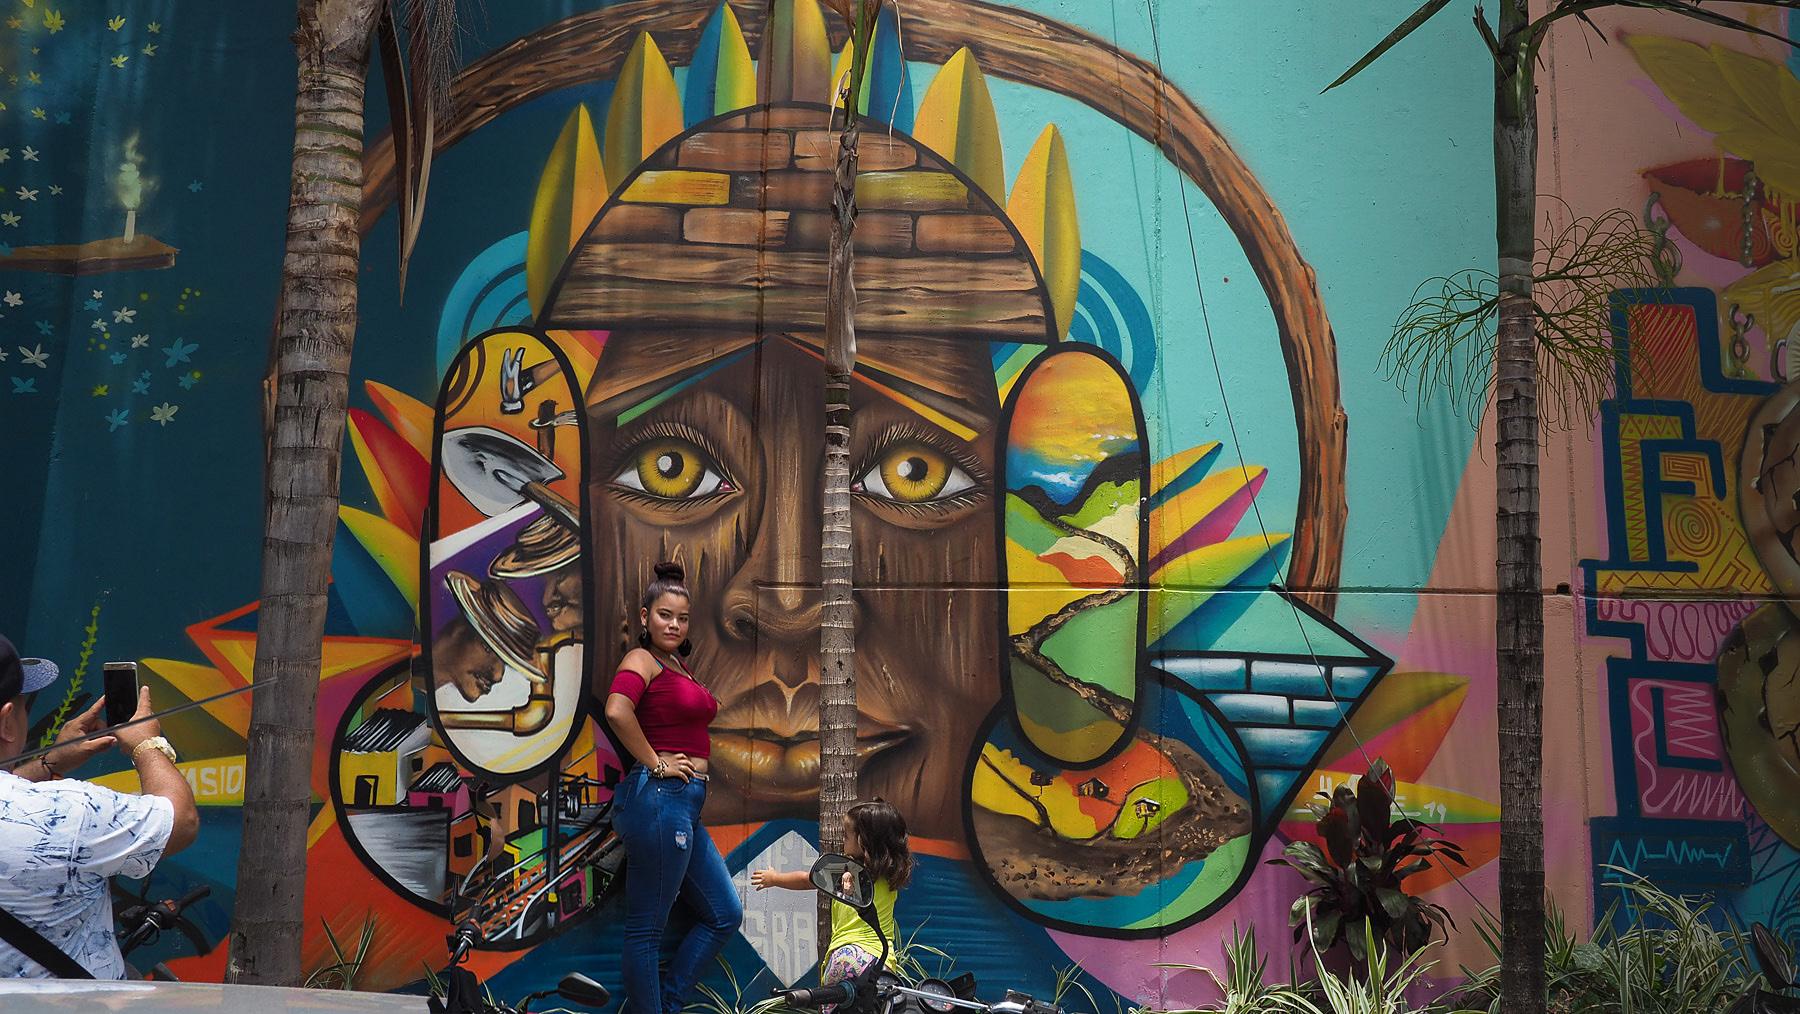 Die Bewohner sind stolz auf ihre Graffitis